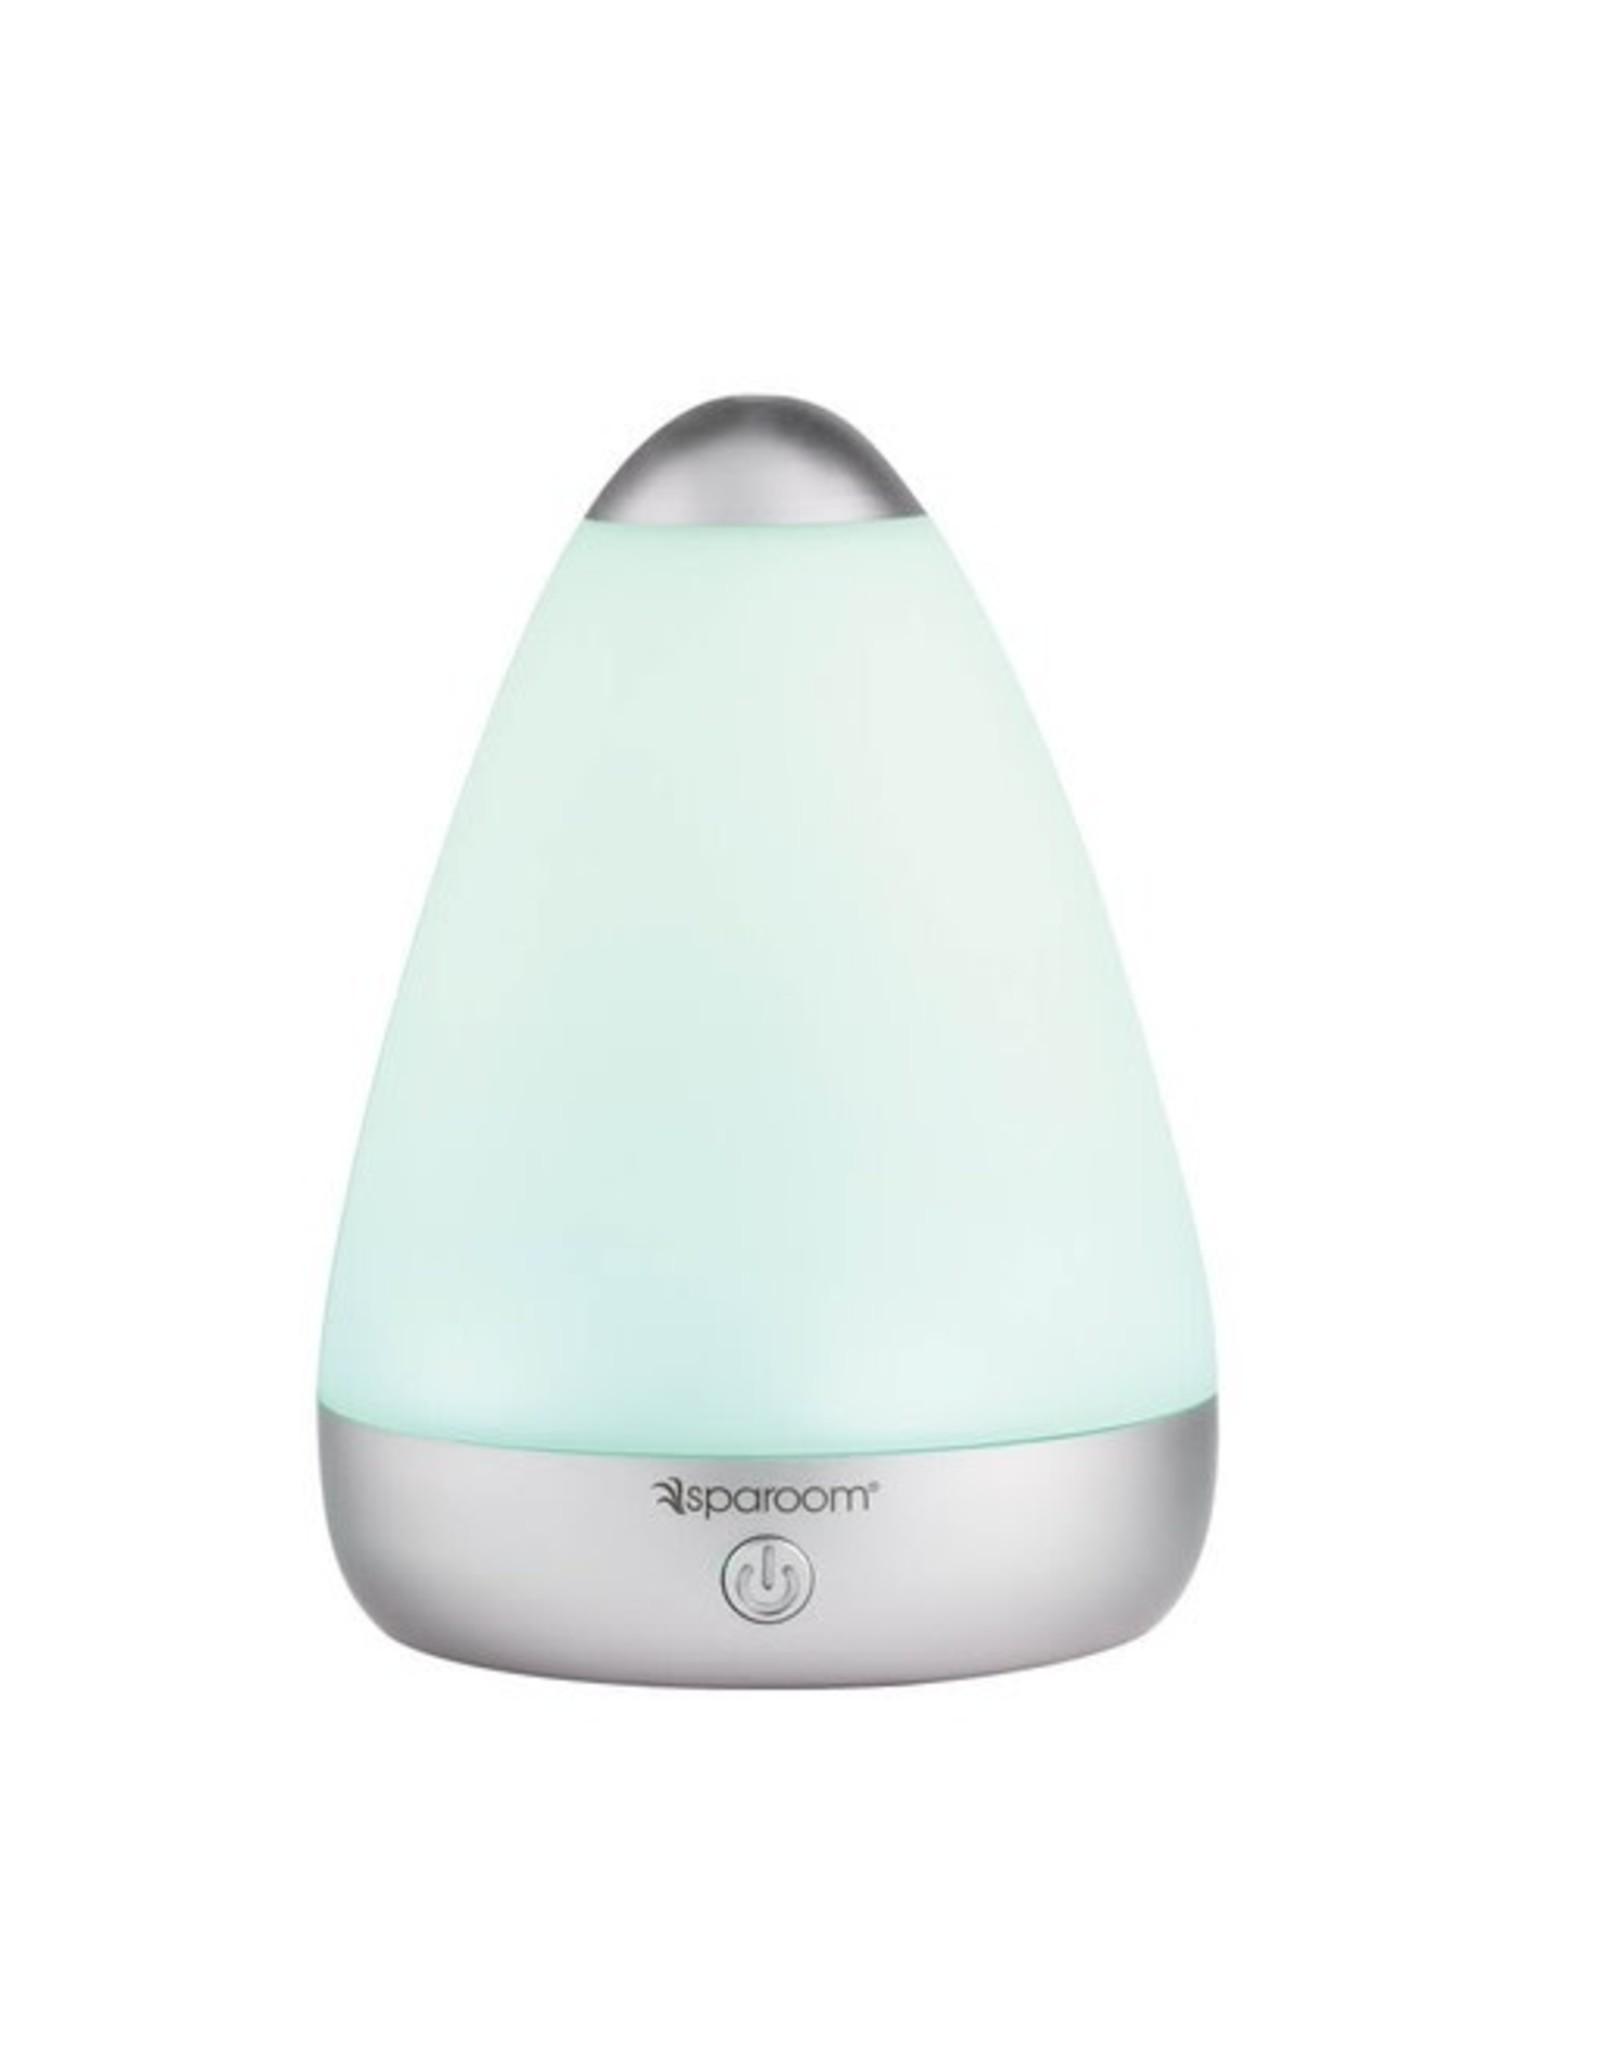 SpaRoom Mini PureMist Essential Oil Diffuser